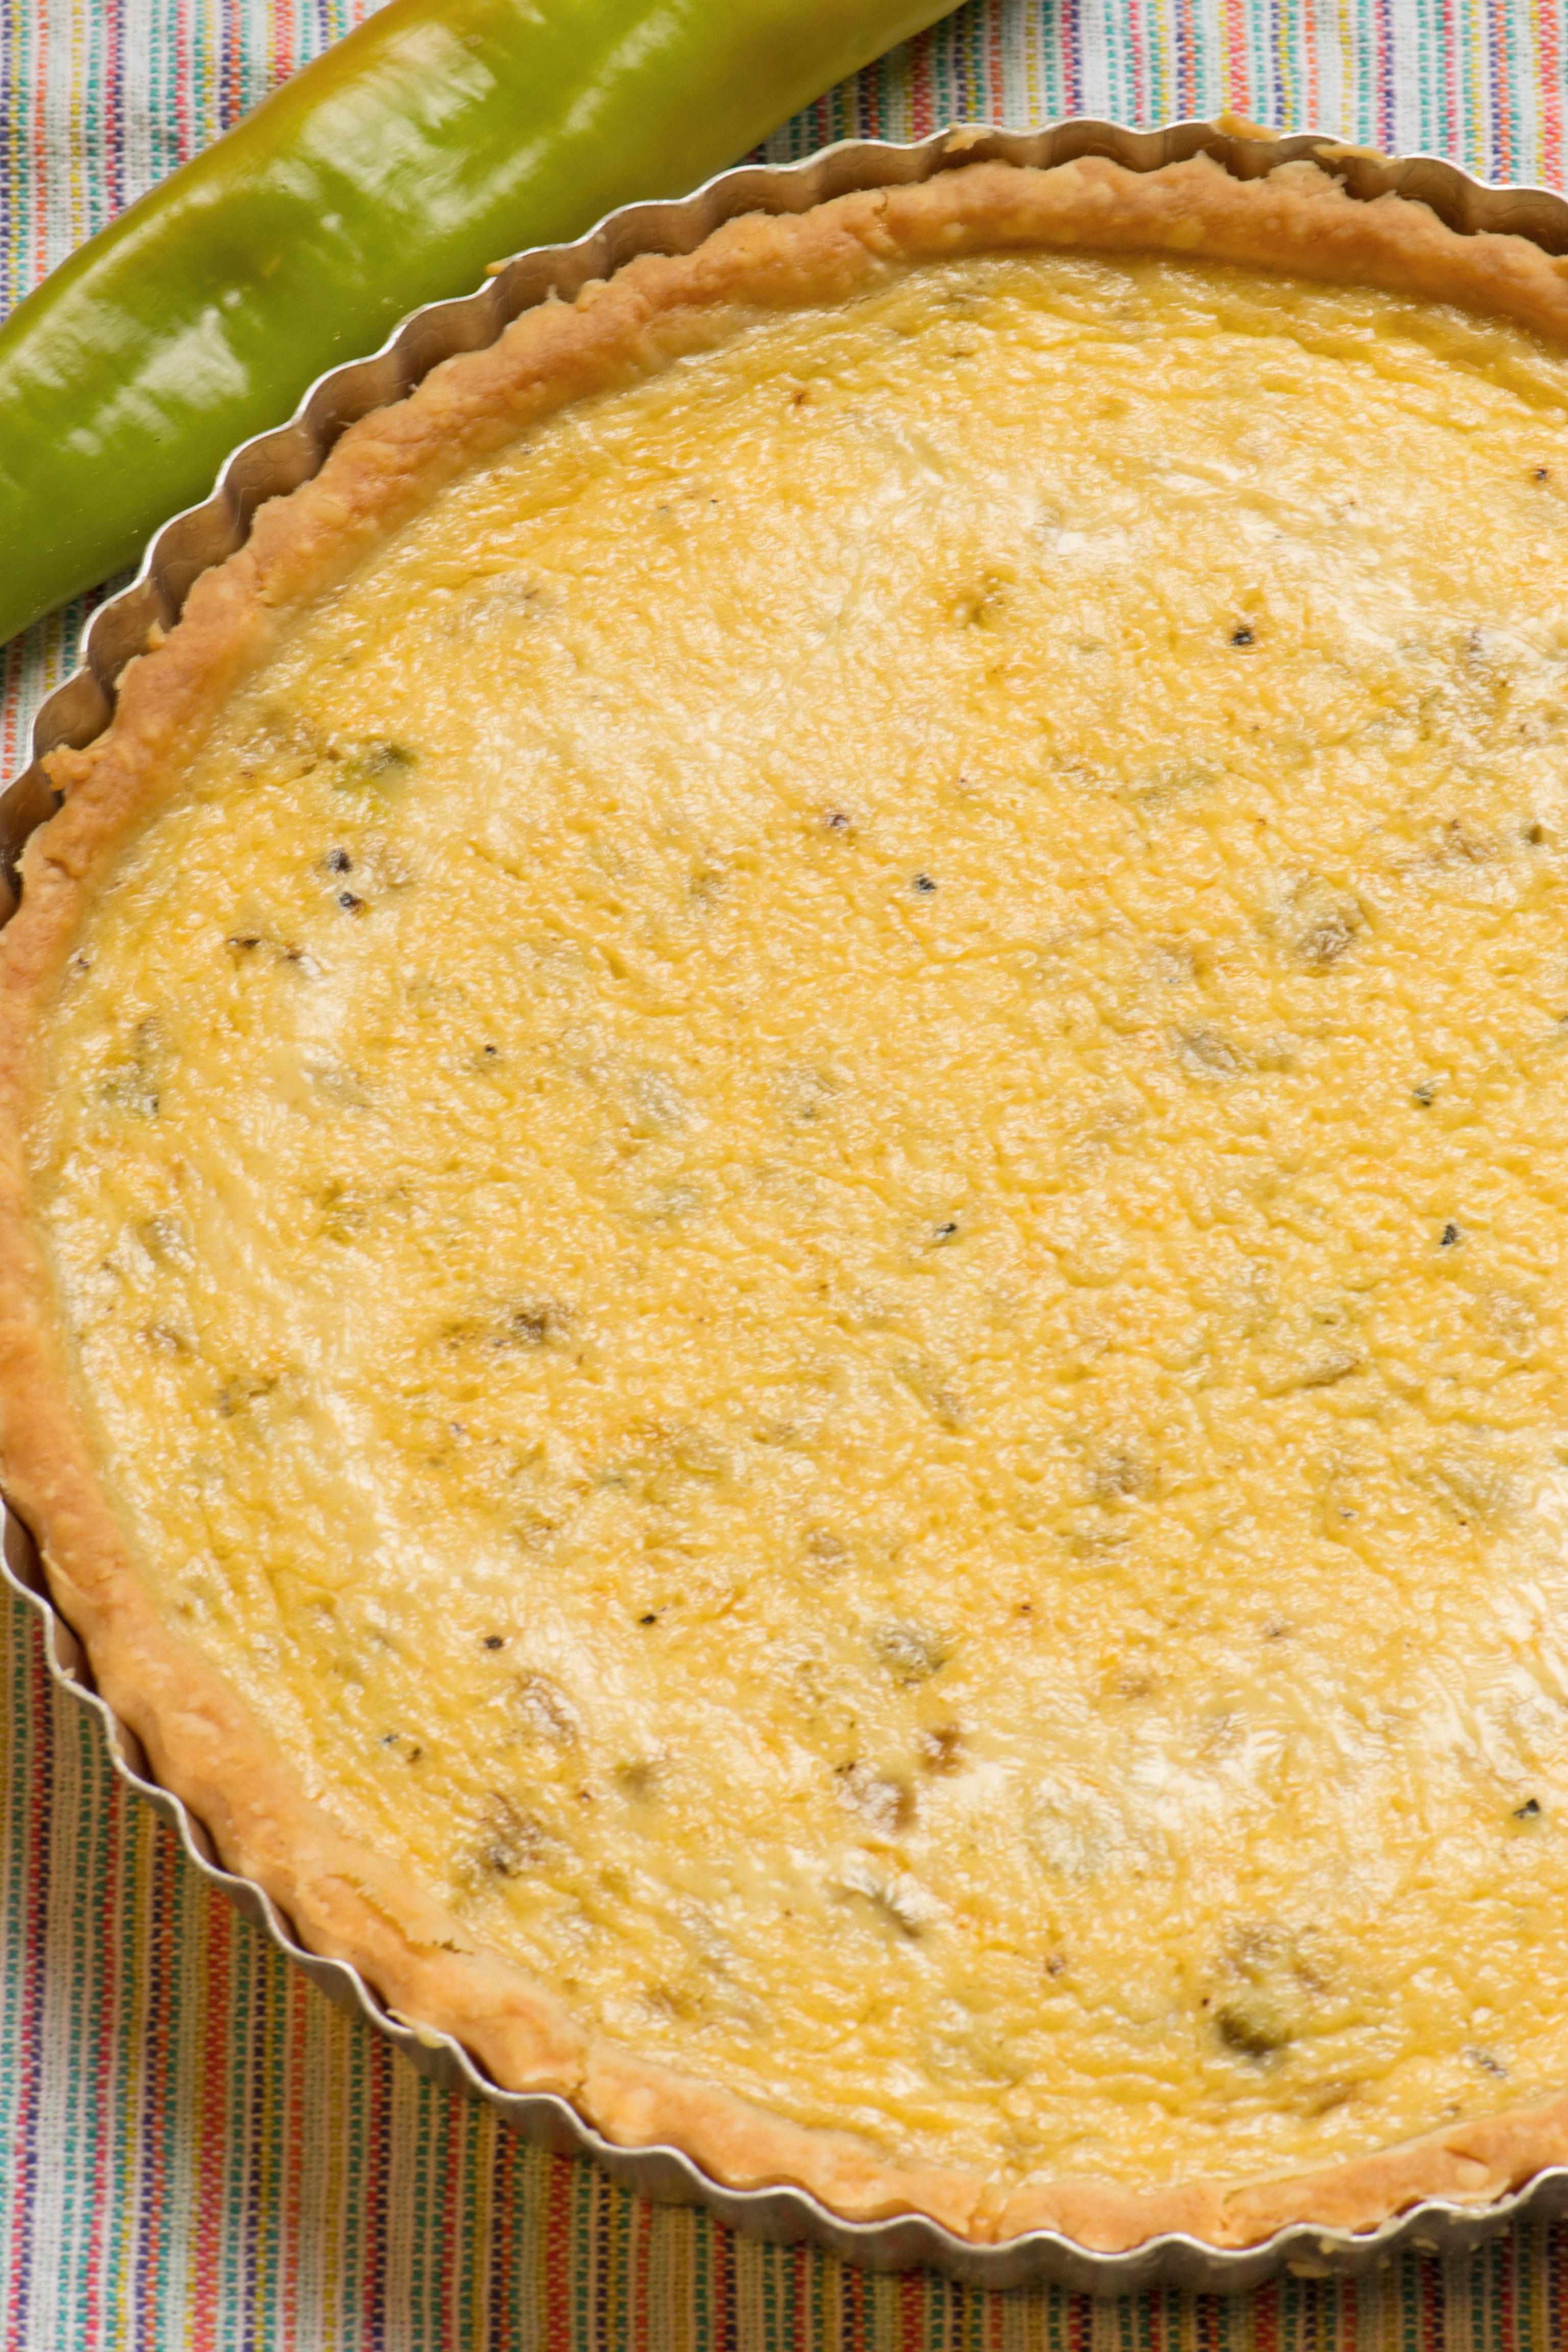 green chili cheese quiche